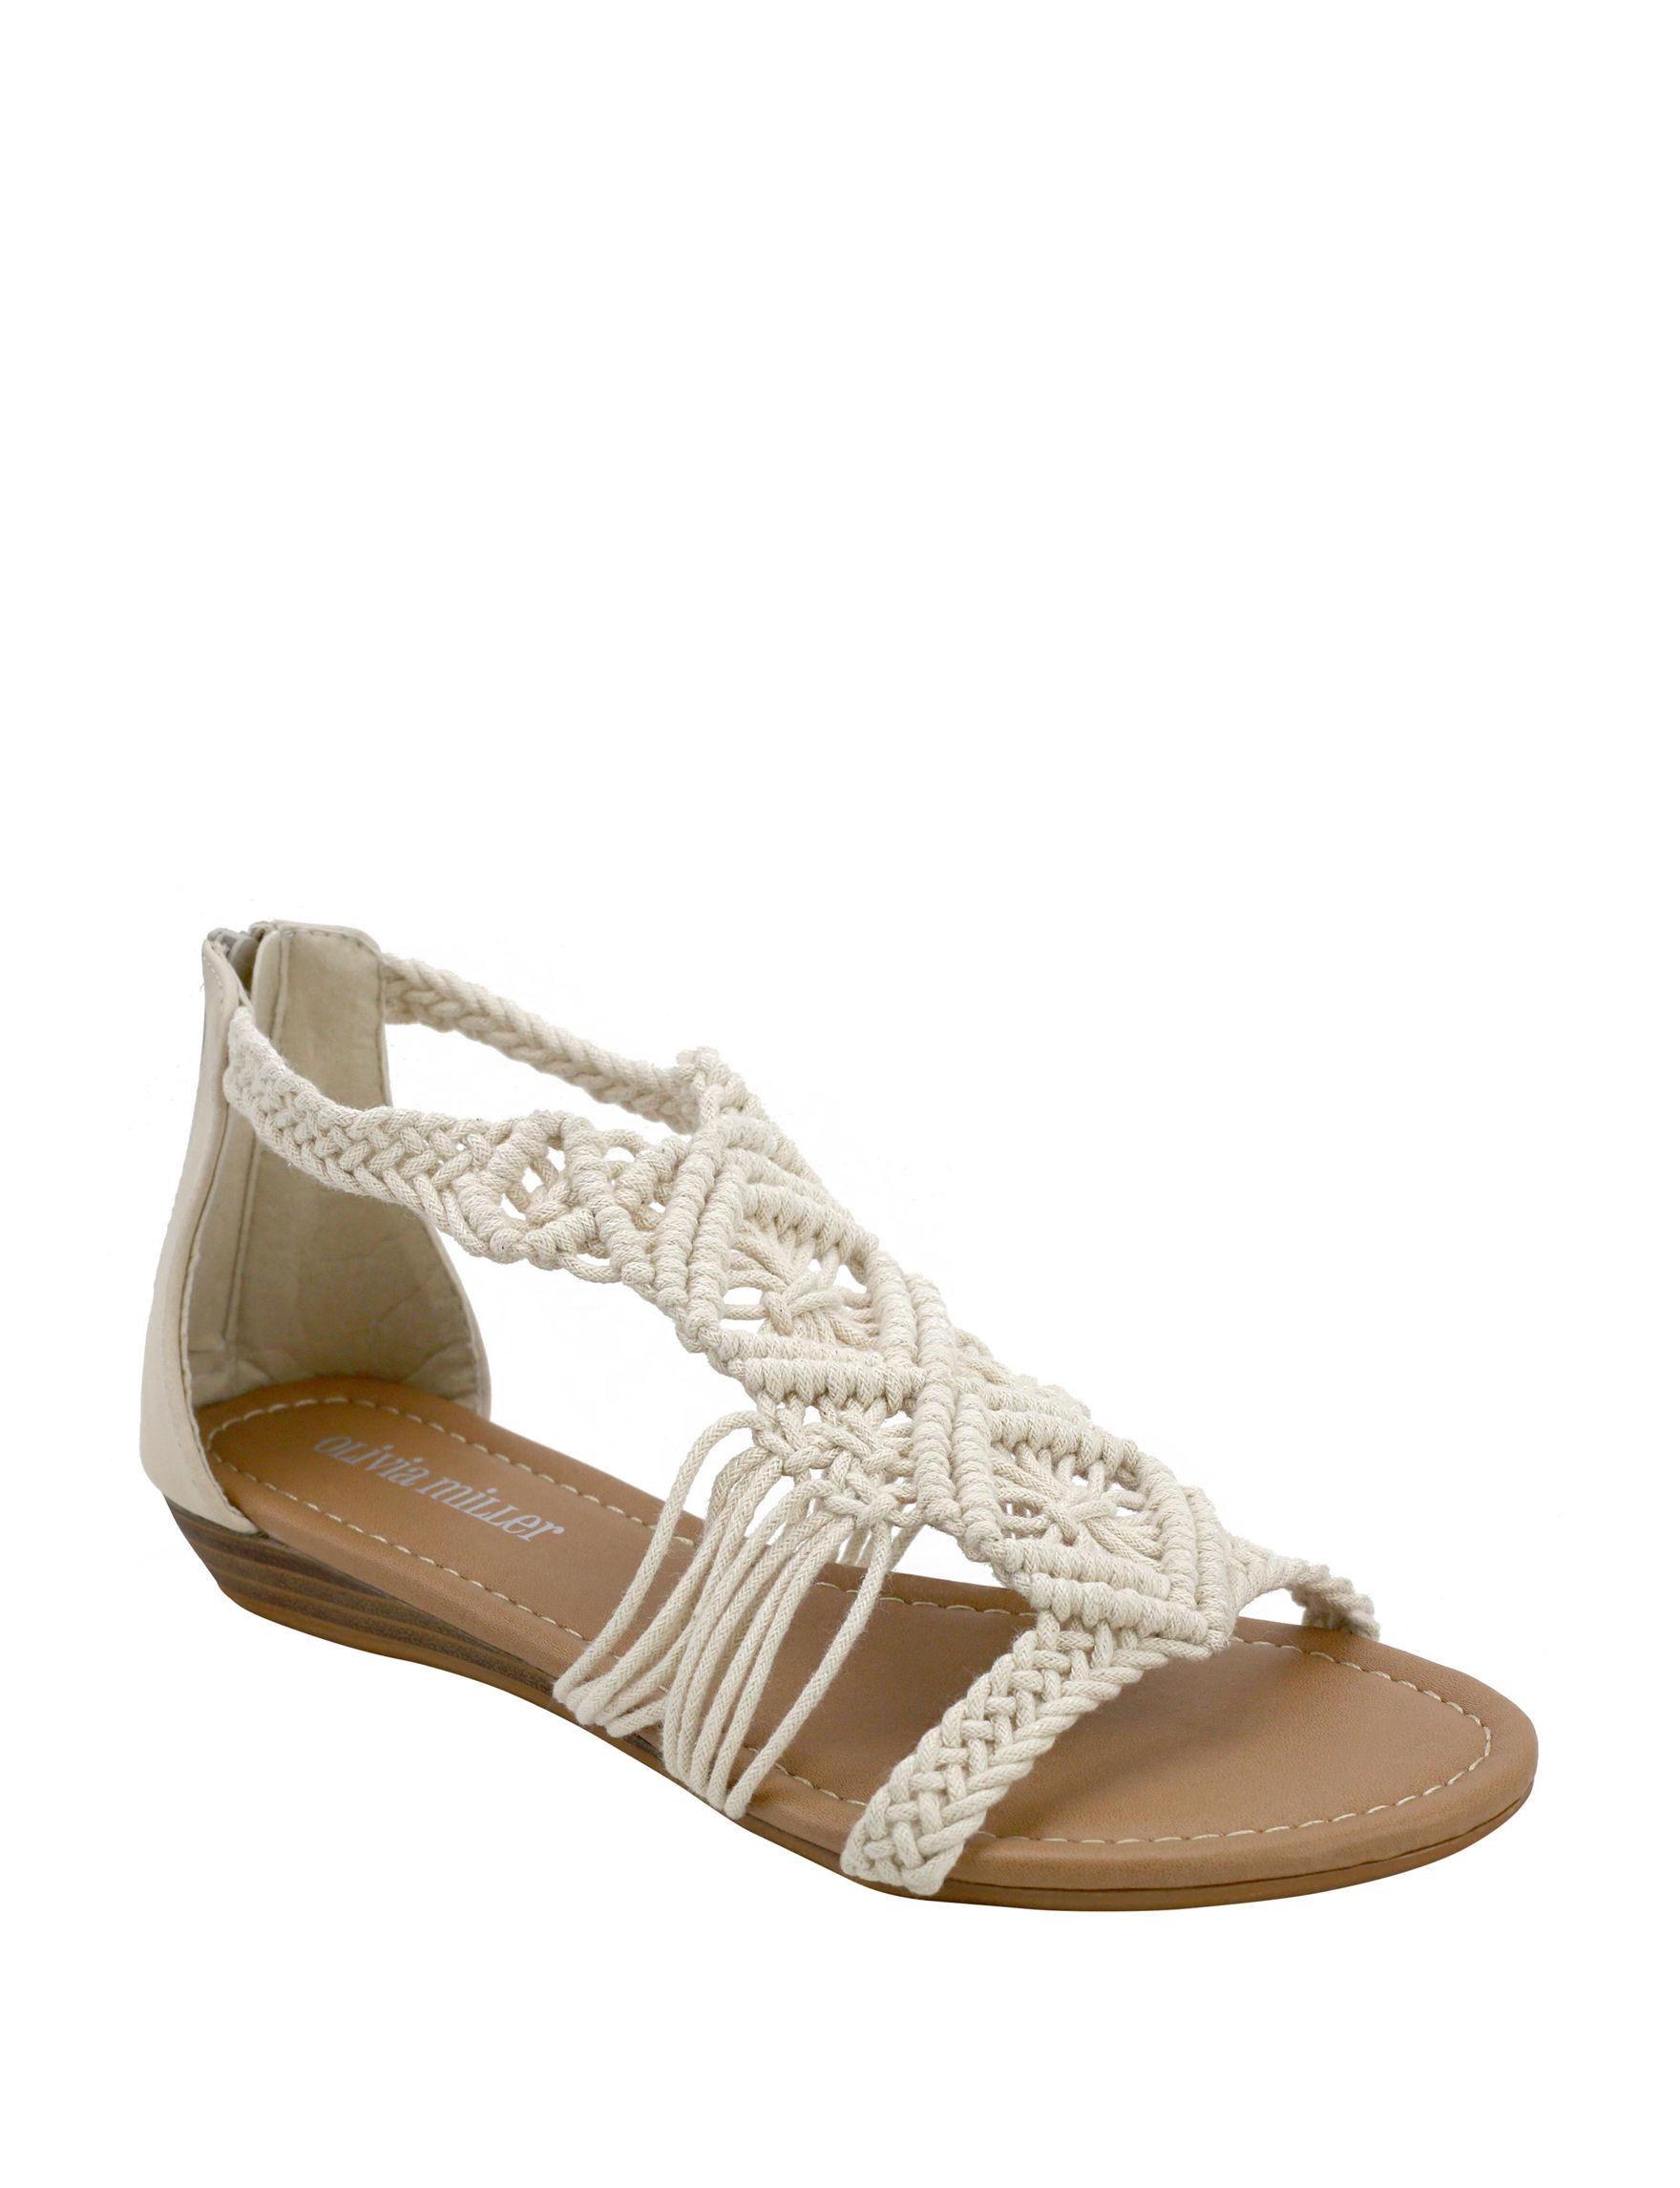 Olivia Miller Natural Flat Sandals